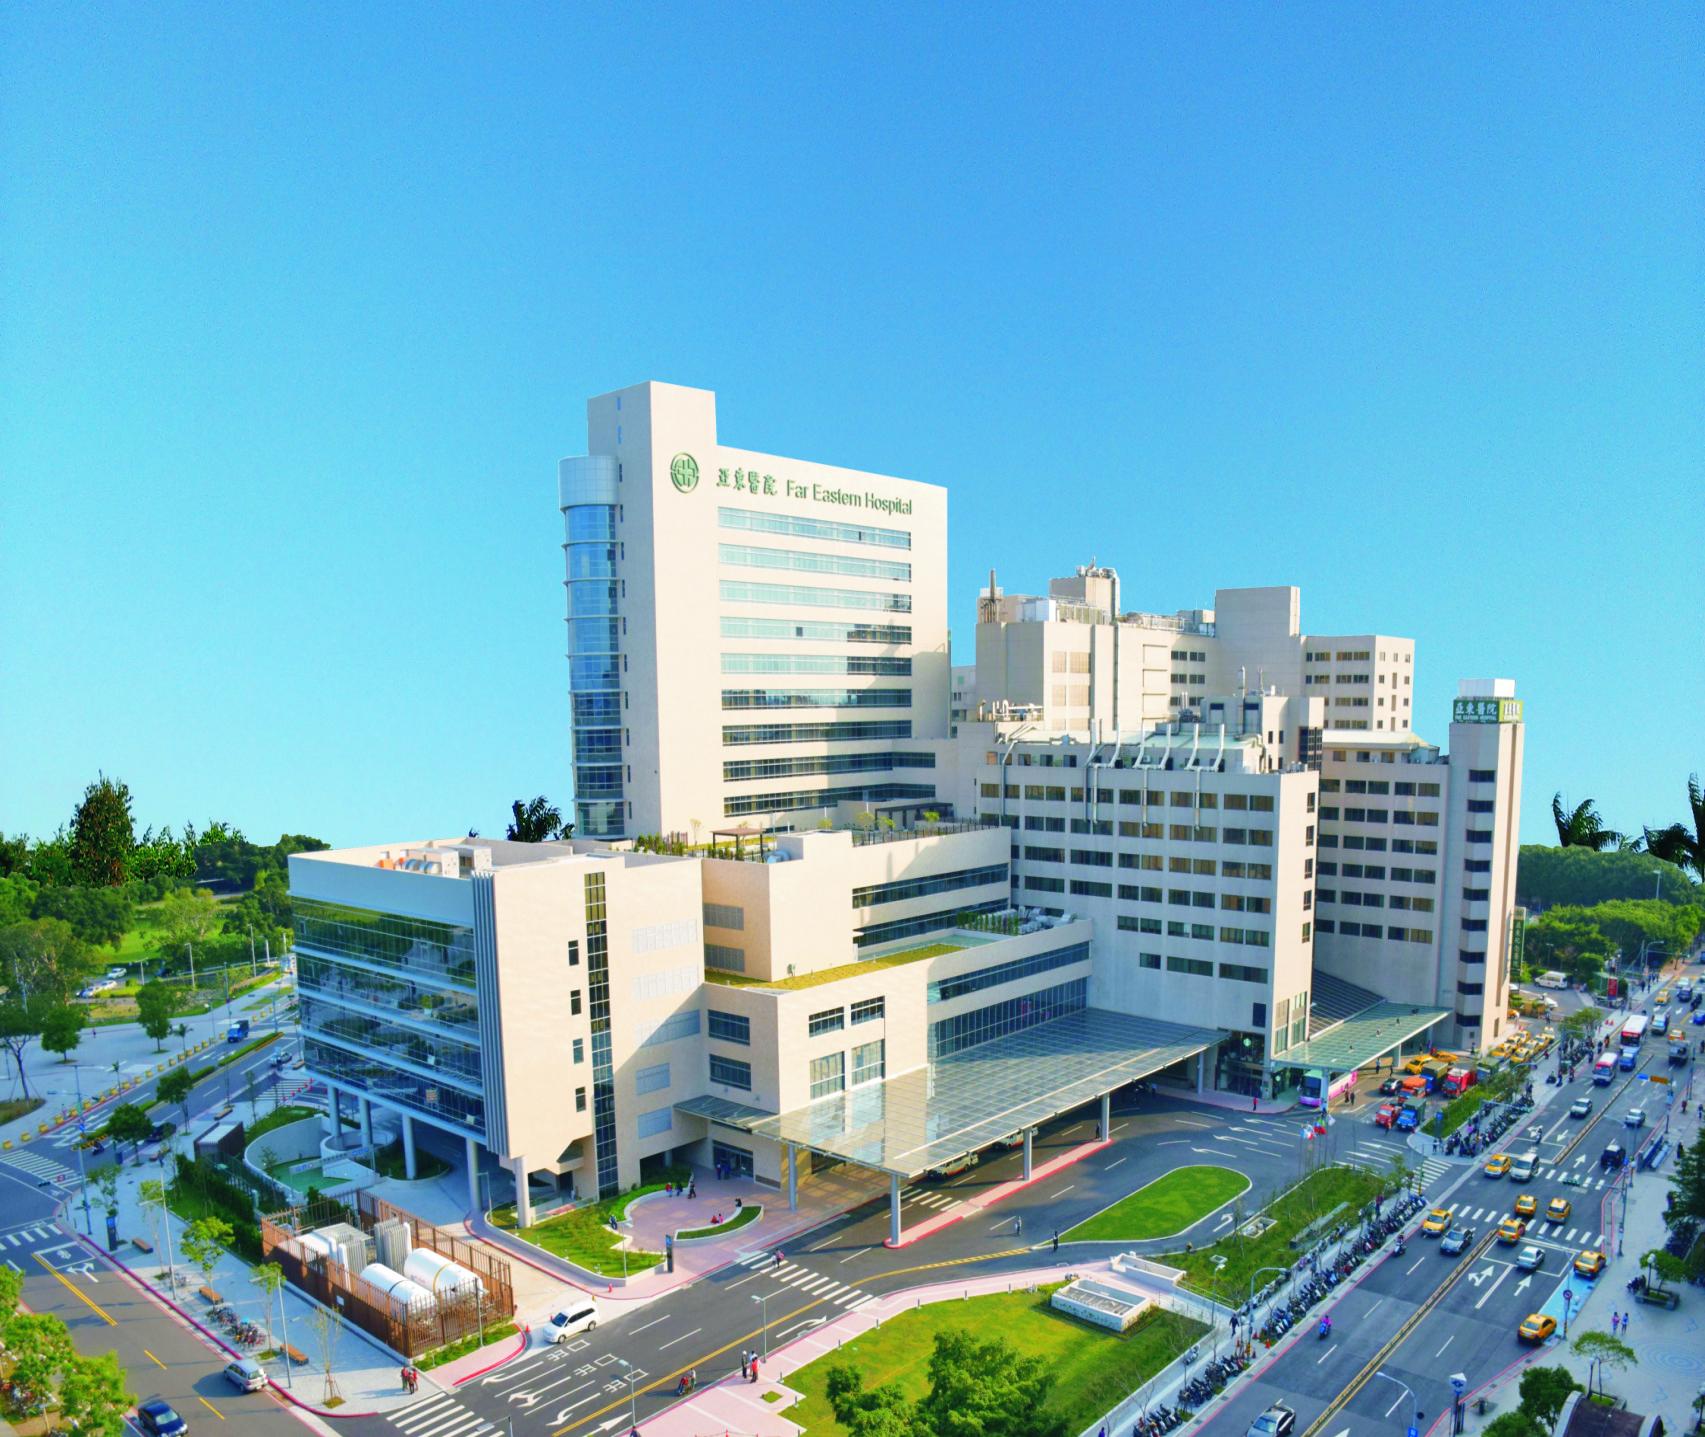 亞東心臟醫學中心希望在各方面皆能成為別人追隨的目標,因此在心臟及血管的微創手術,心臟外科一直在努力發展,近期將成立心臟微創中心